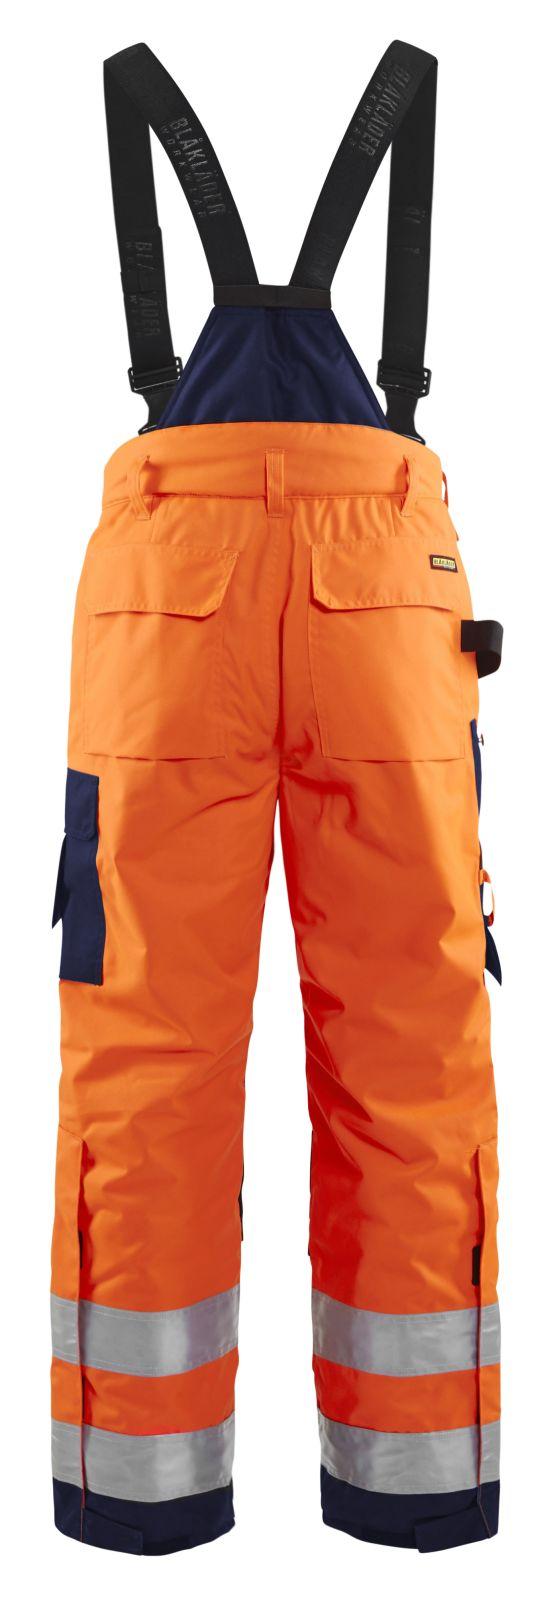 Blaklader Winterwerkbroeken 18851977 High Vis oranje-marineblauw(5389)